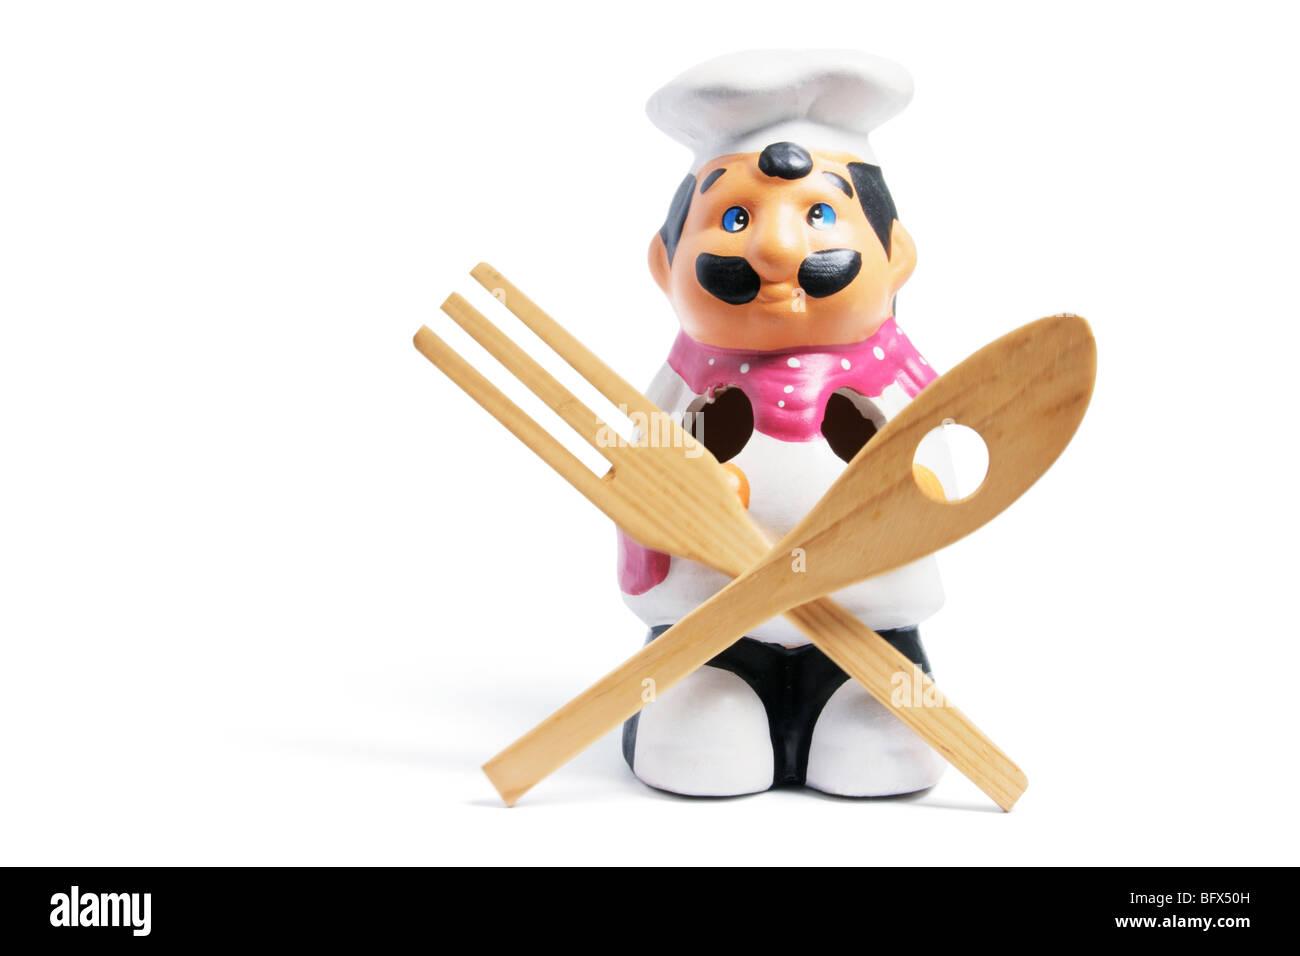 Chef Kitchen Utensil Holder Stock Photo